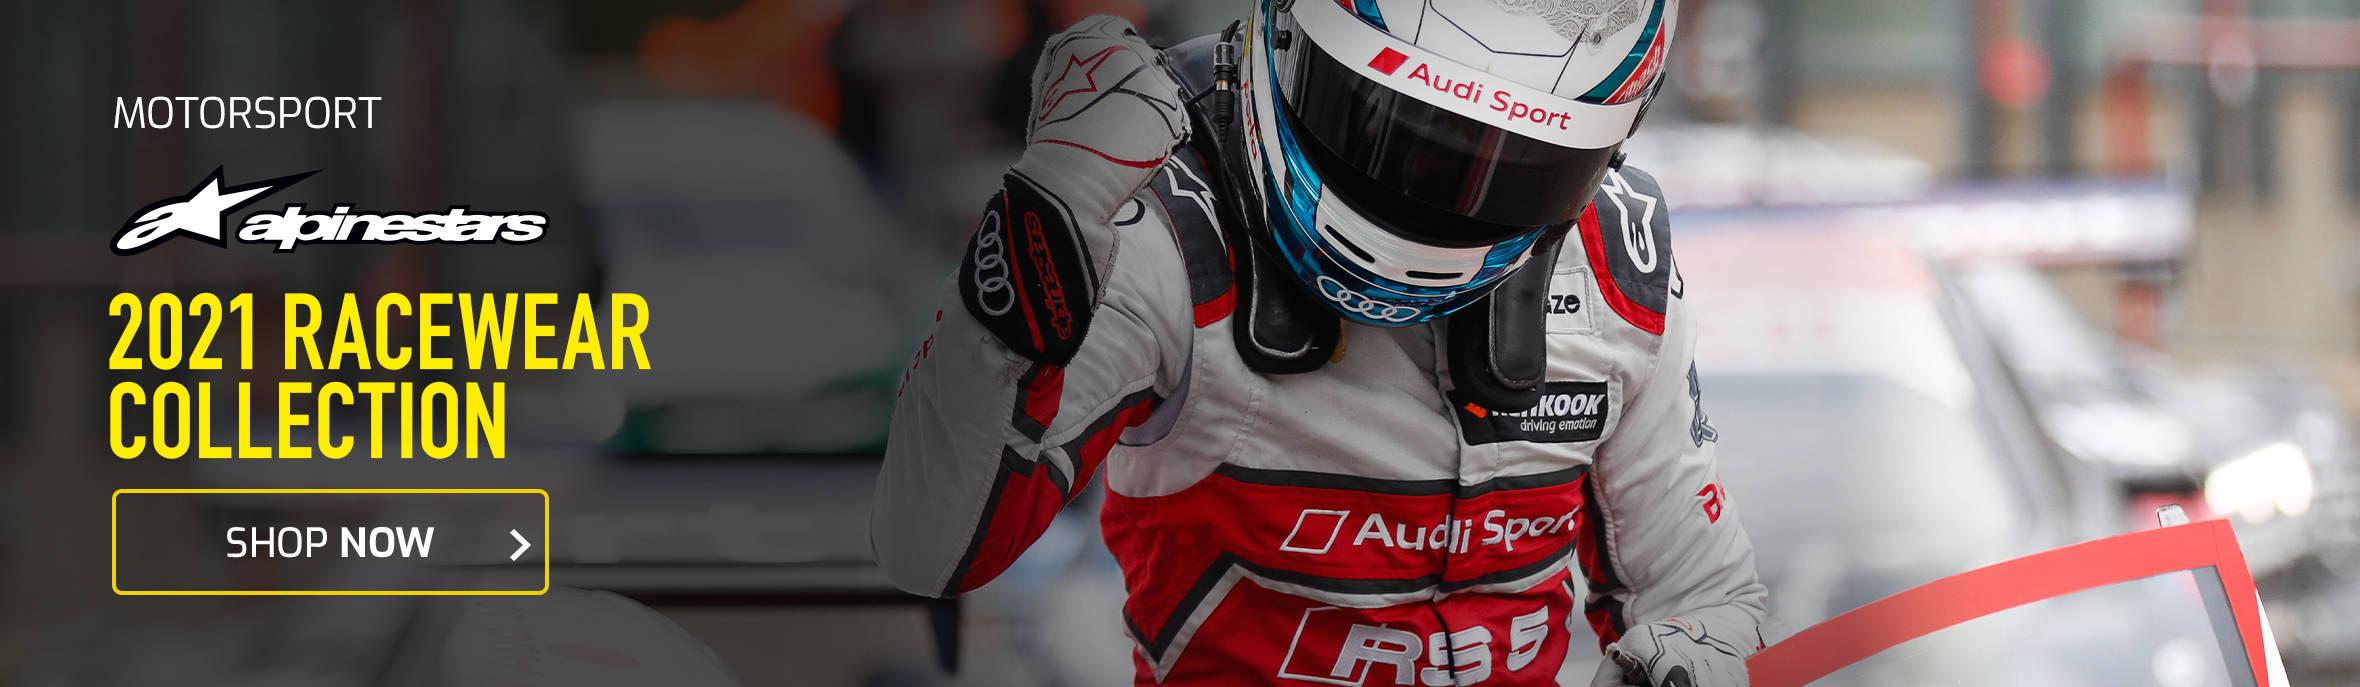 Alpinestars - 2021 Racewear Collection